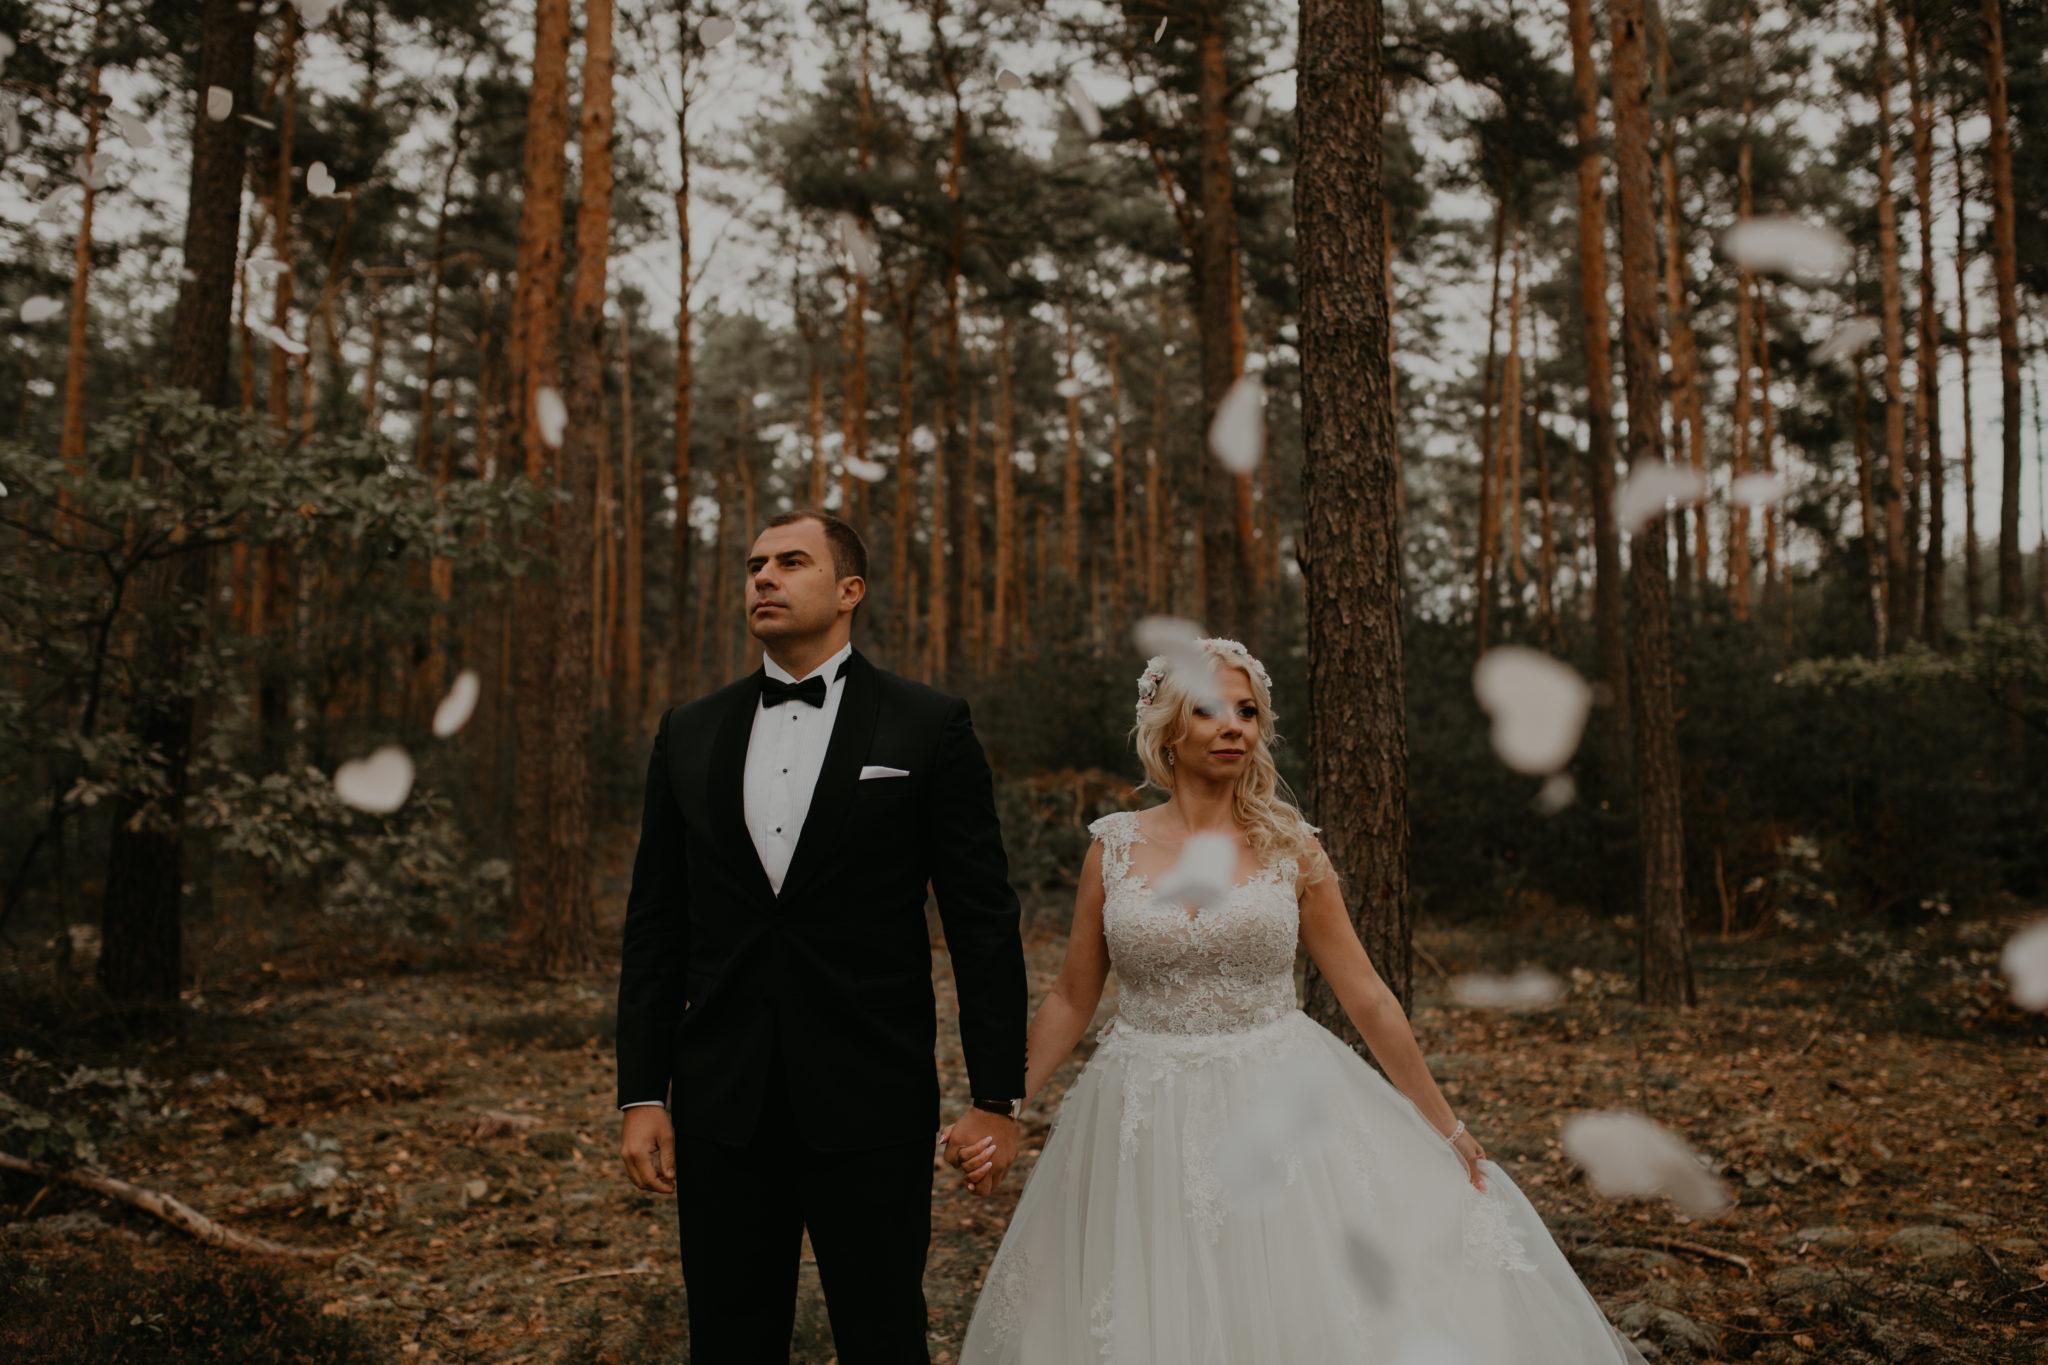 asia i mateuszplener 26 - fotografiaam Fotografia ślubna RK wedding